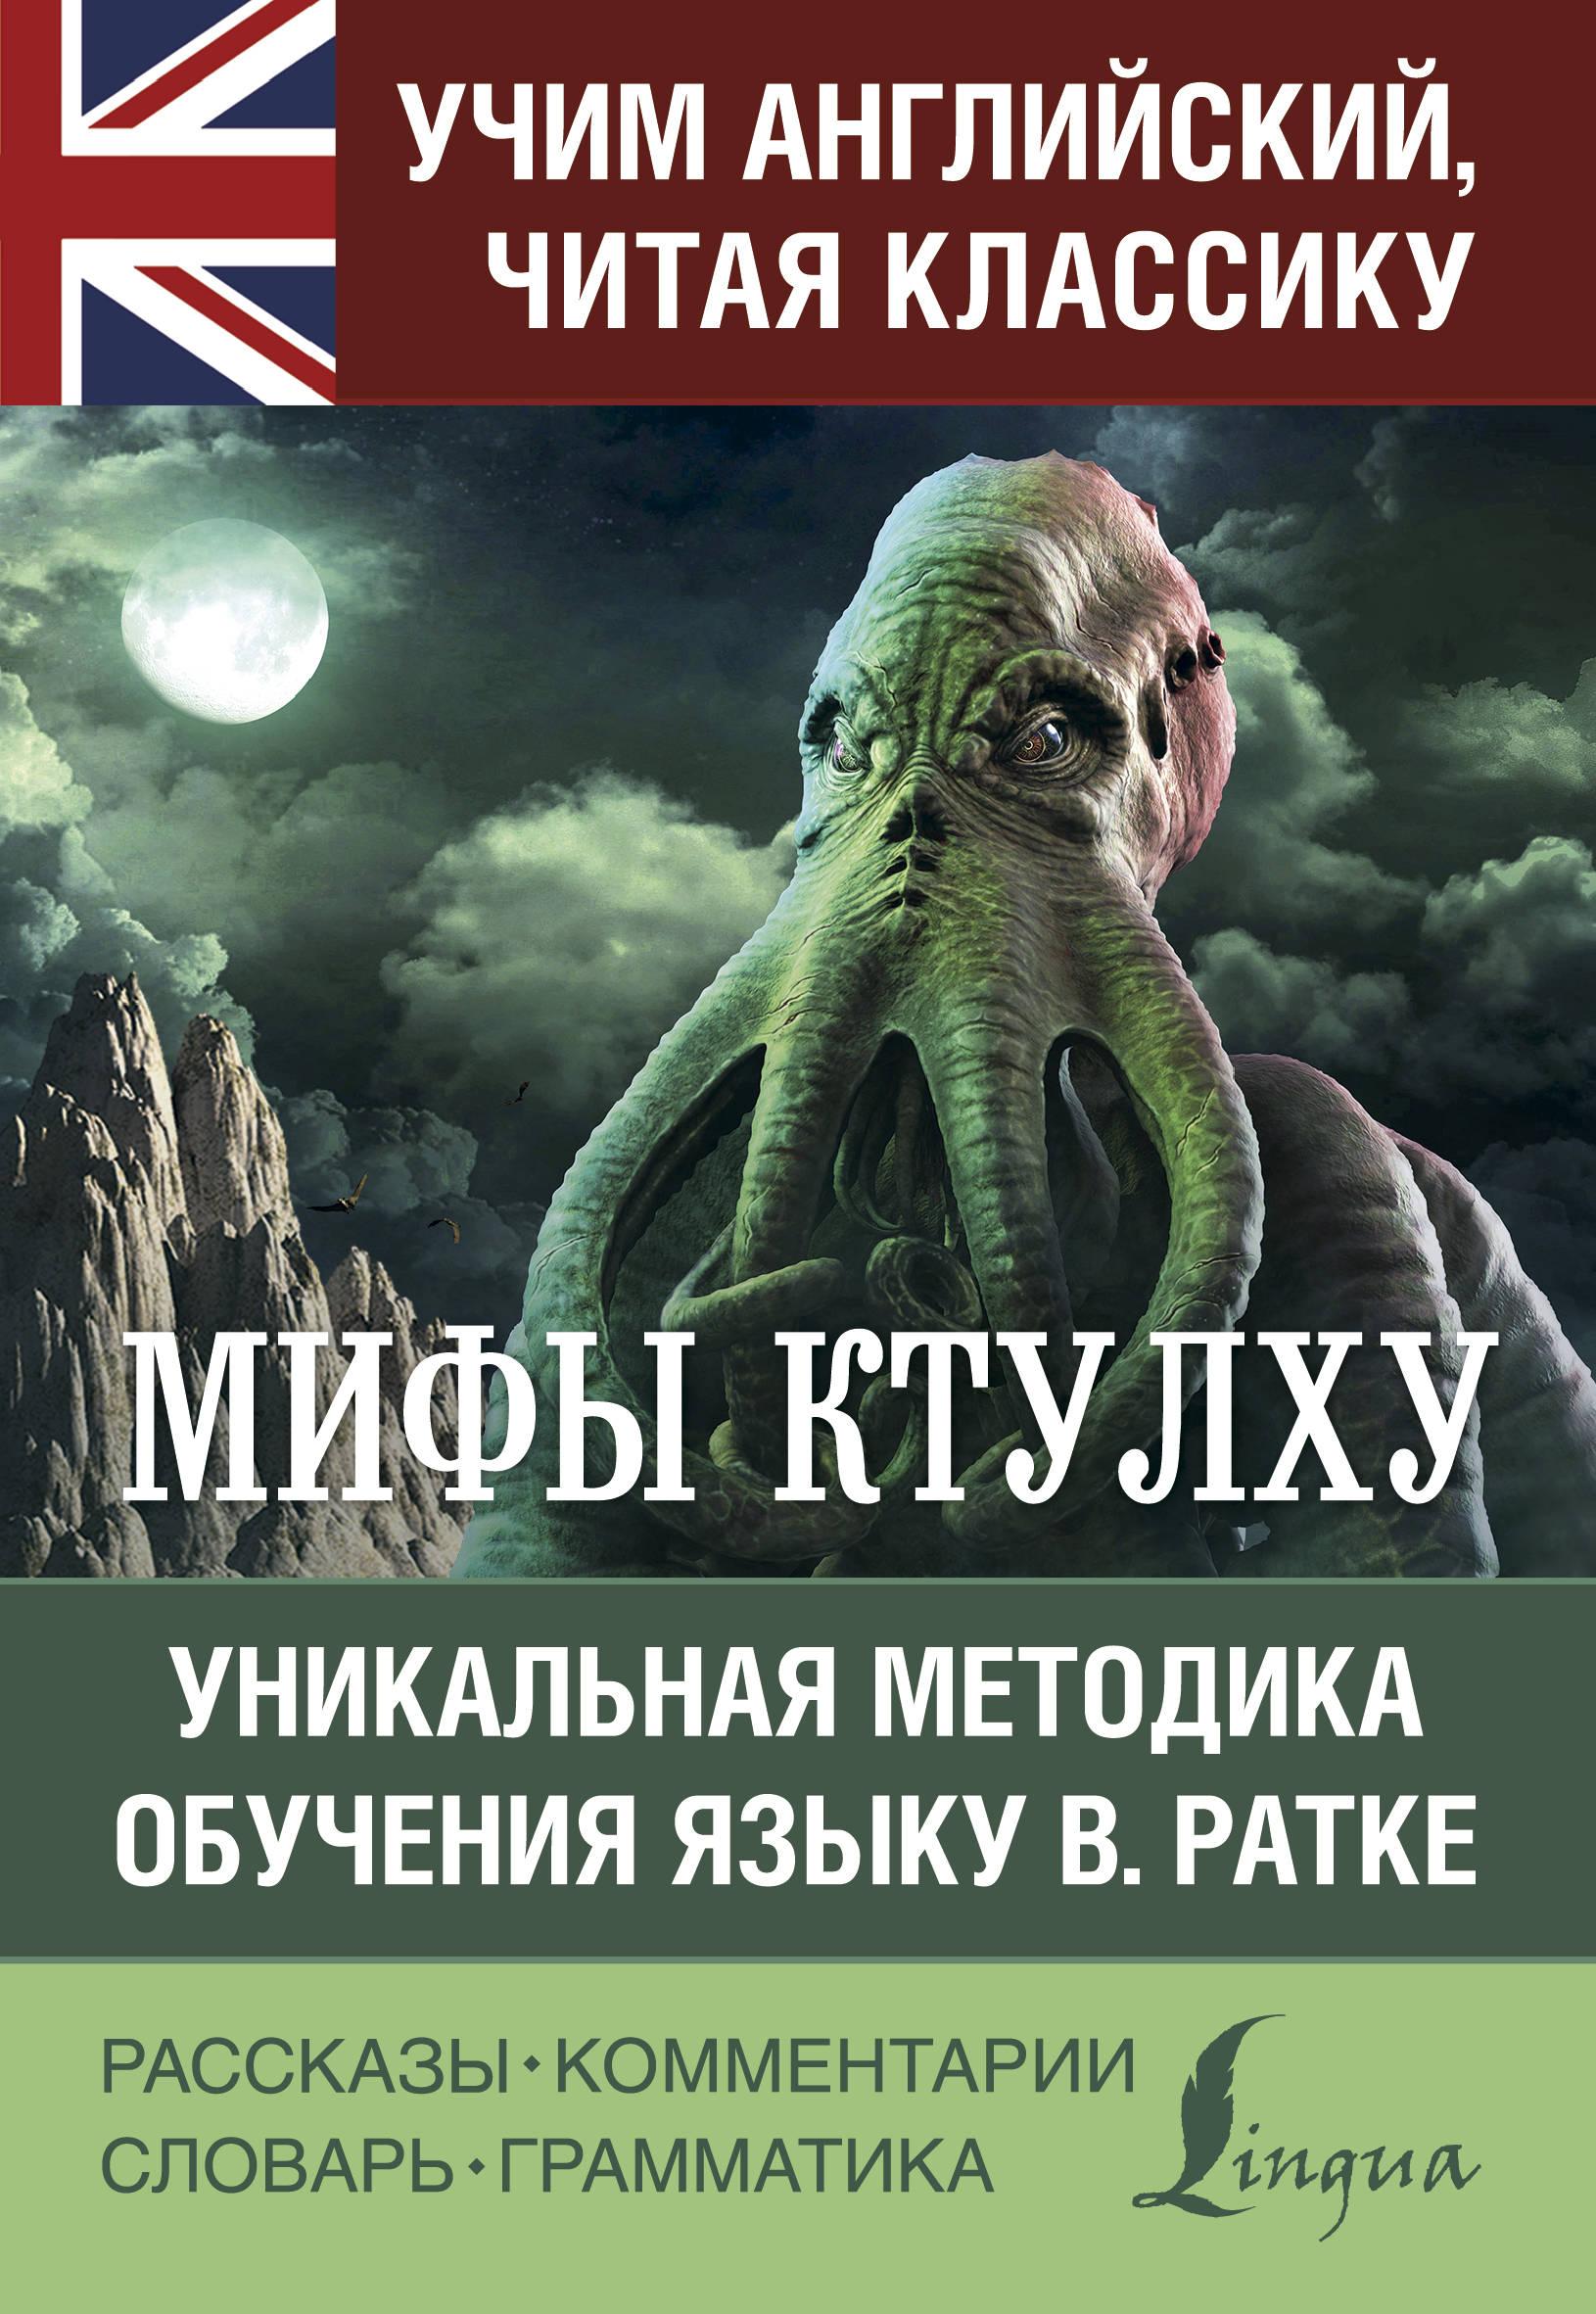 Мифы Ктулху ( Лавкрафт Говард Филлипс  )